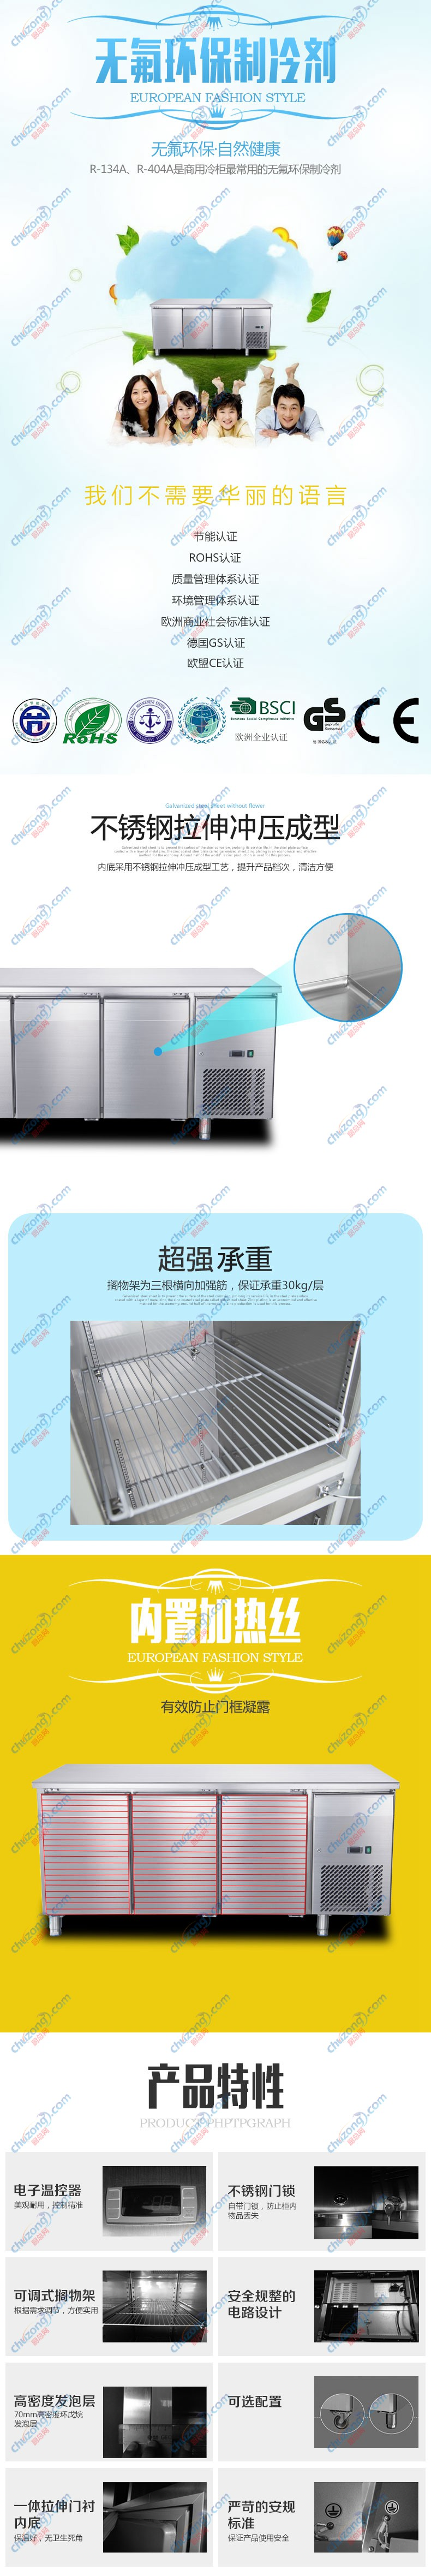 科瑞森三门冷藏冷冻平台雪柜